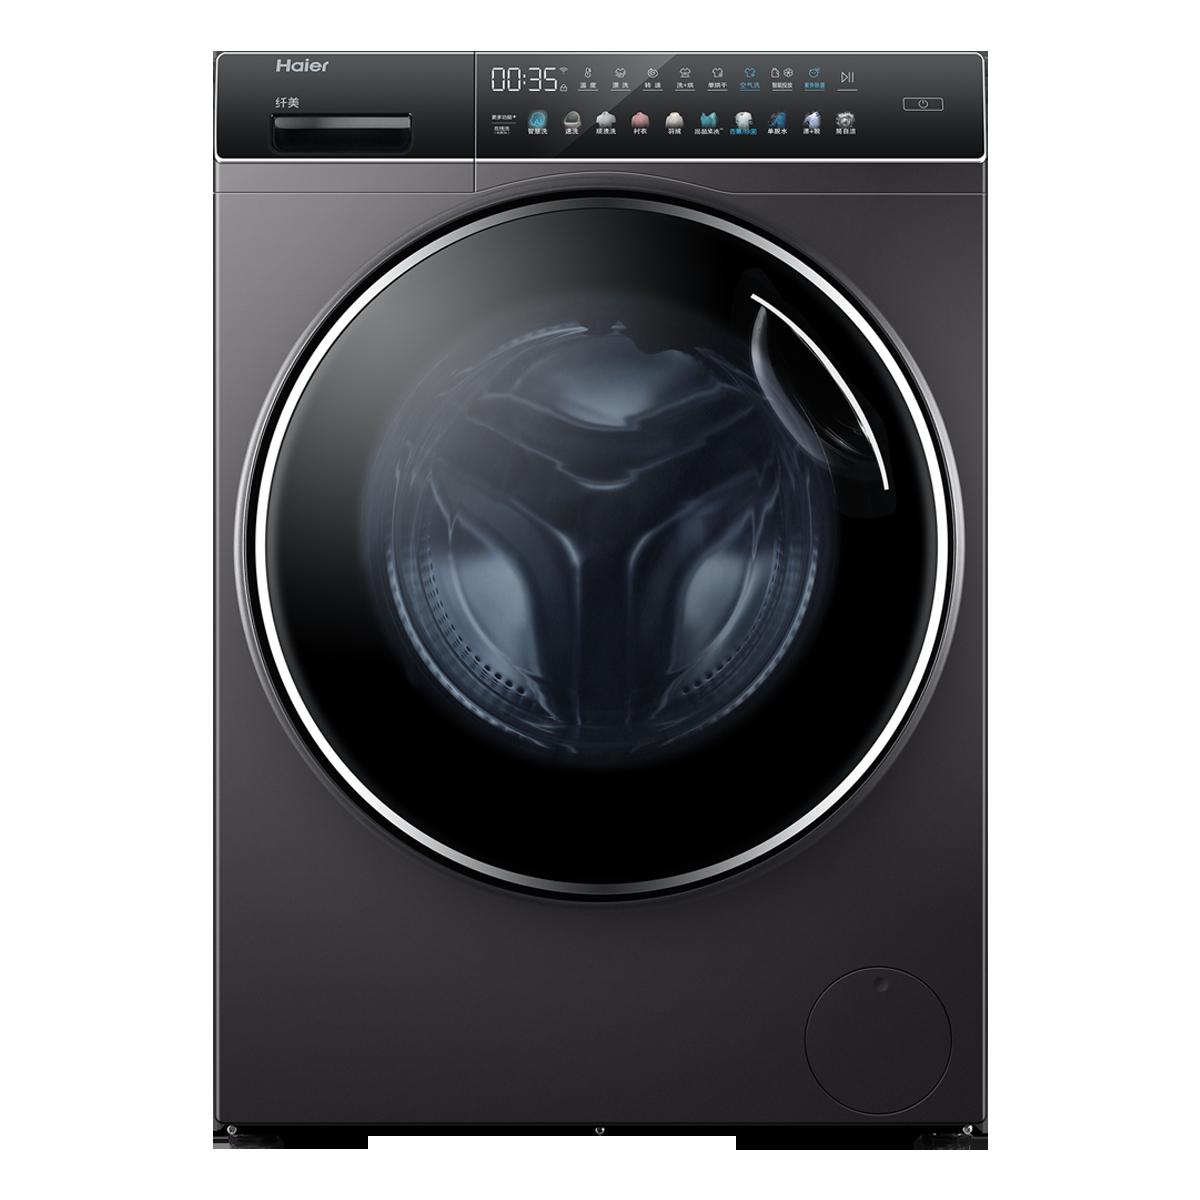 海尔Haier洗衣机 XQG100-HBD14166LU1 说明书